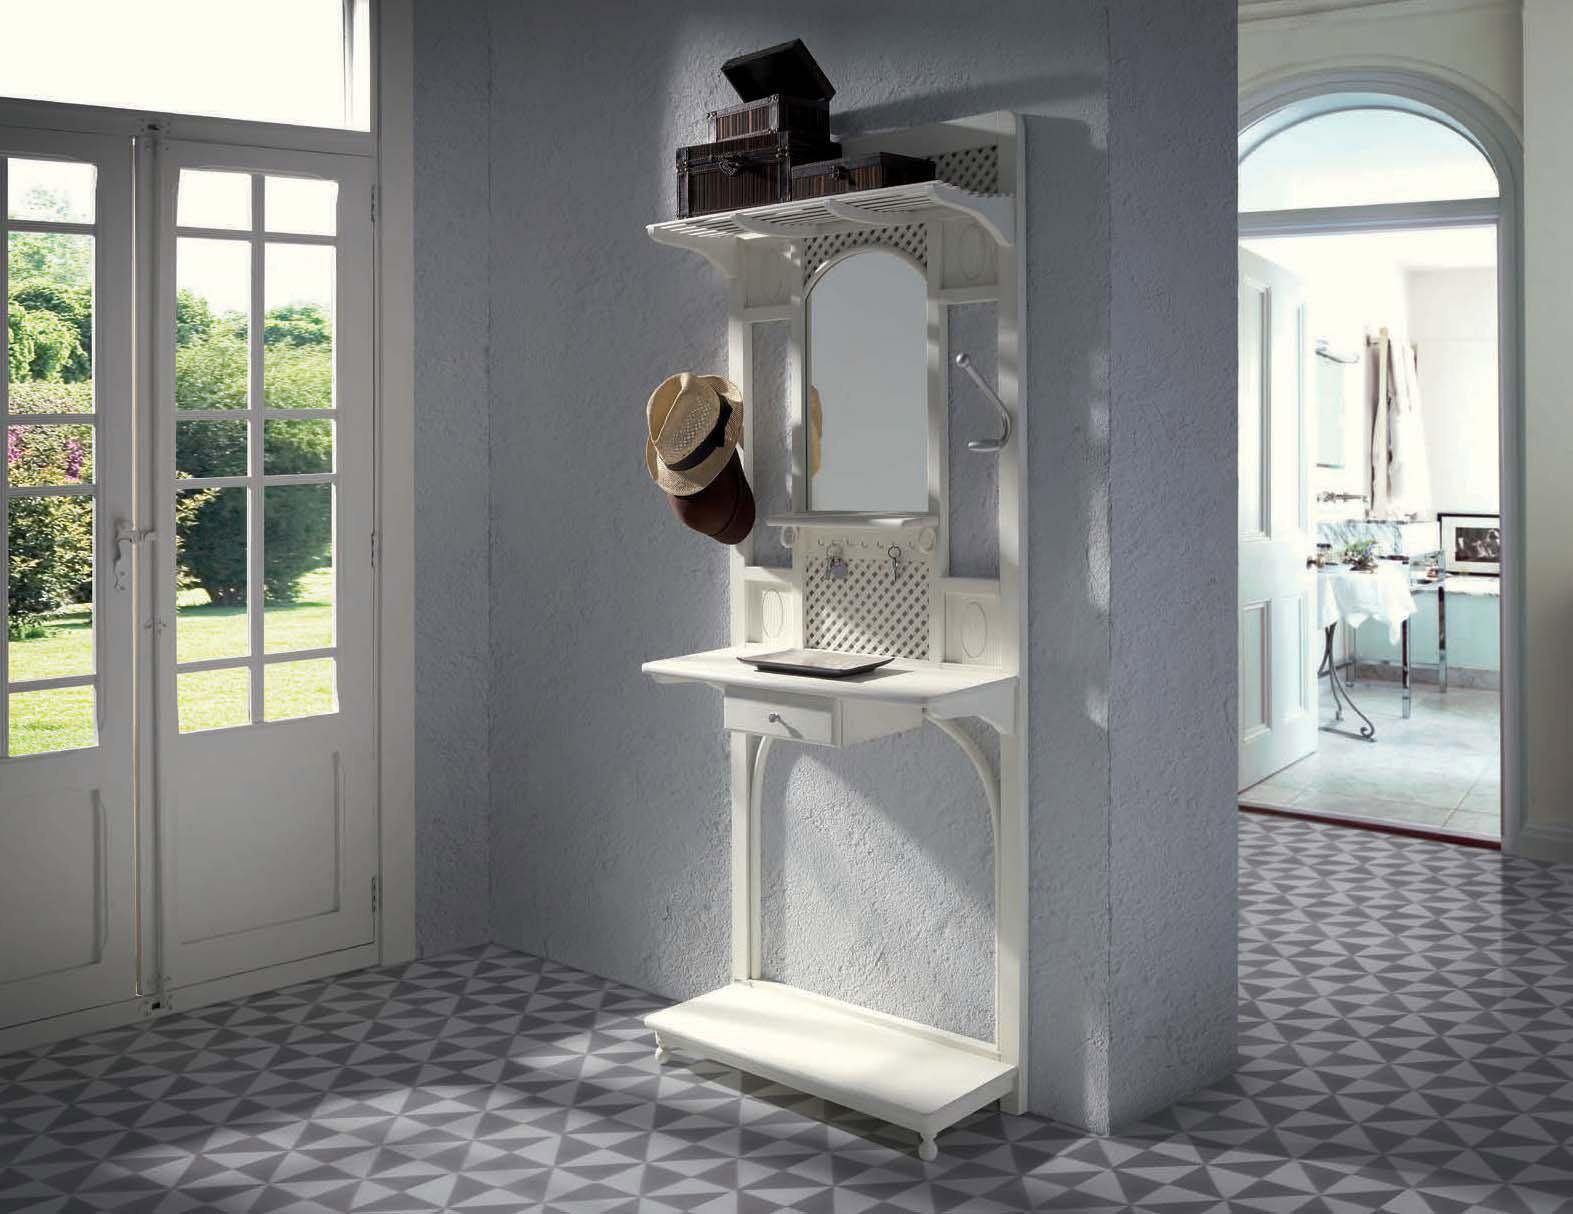 Muebles Gabanero - Muebles Entrada Recibidor Ideas Para Decorar Entradas De Casas [mjhdah]http://www.endolia.com/sites/default/files/styles/producto_grande/public/content-images/productos/ambiente_64_copiar.jpg?itok=yy5MNbP-